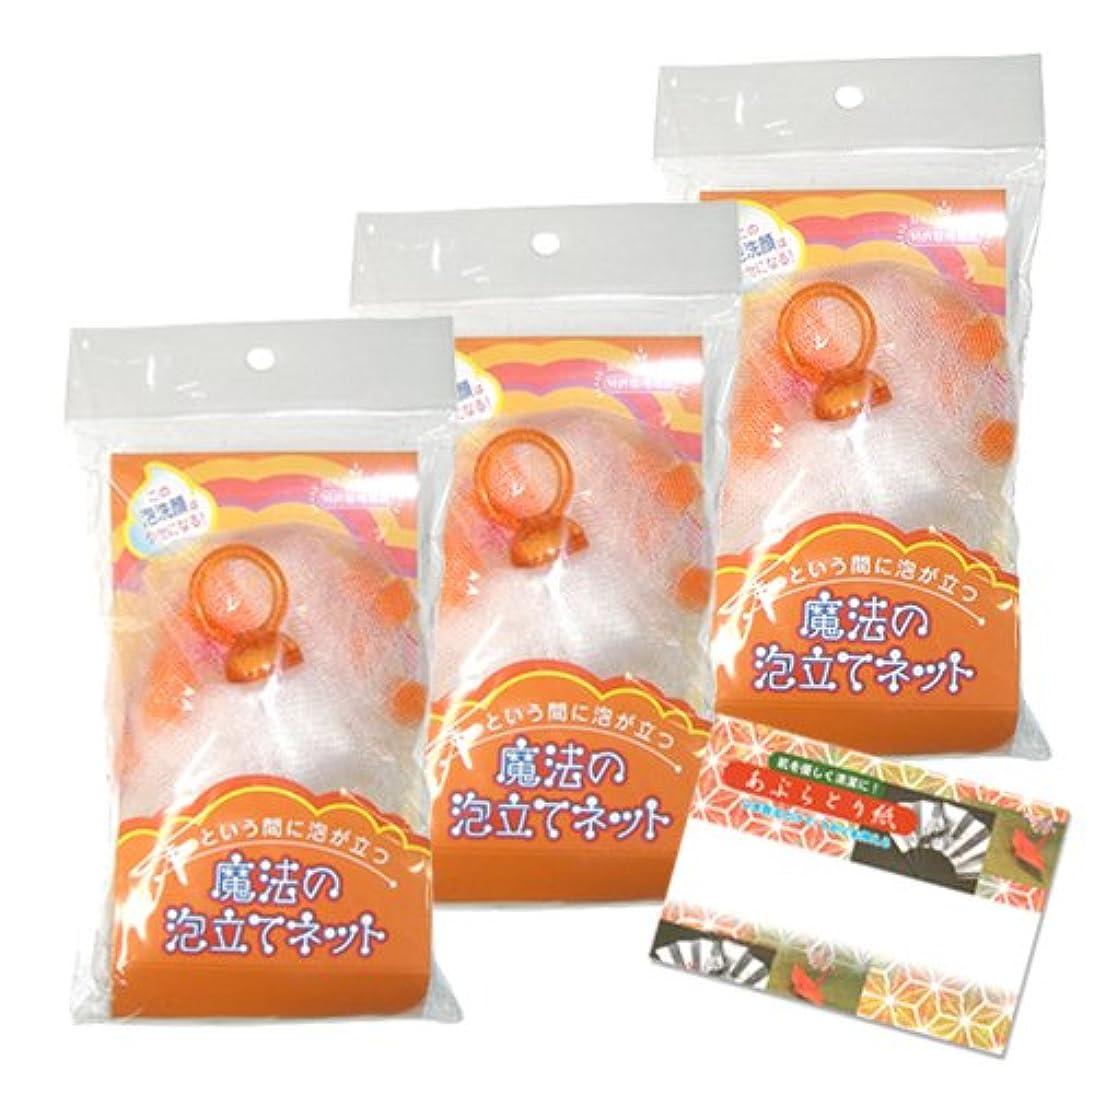 アプローチアレルギー性ファイナンスモンクレール 魔法の泡立てネット ソフトタイプ (オレンジ) x 3個セット + あぶらとり紙 10枚入